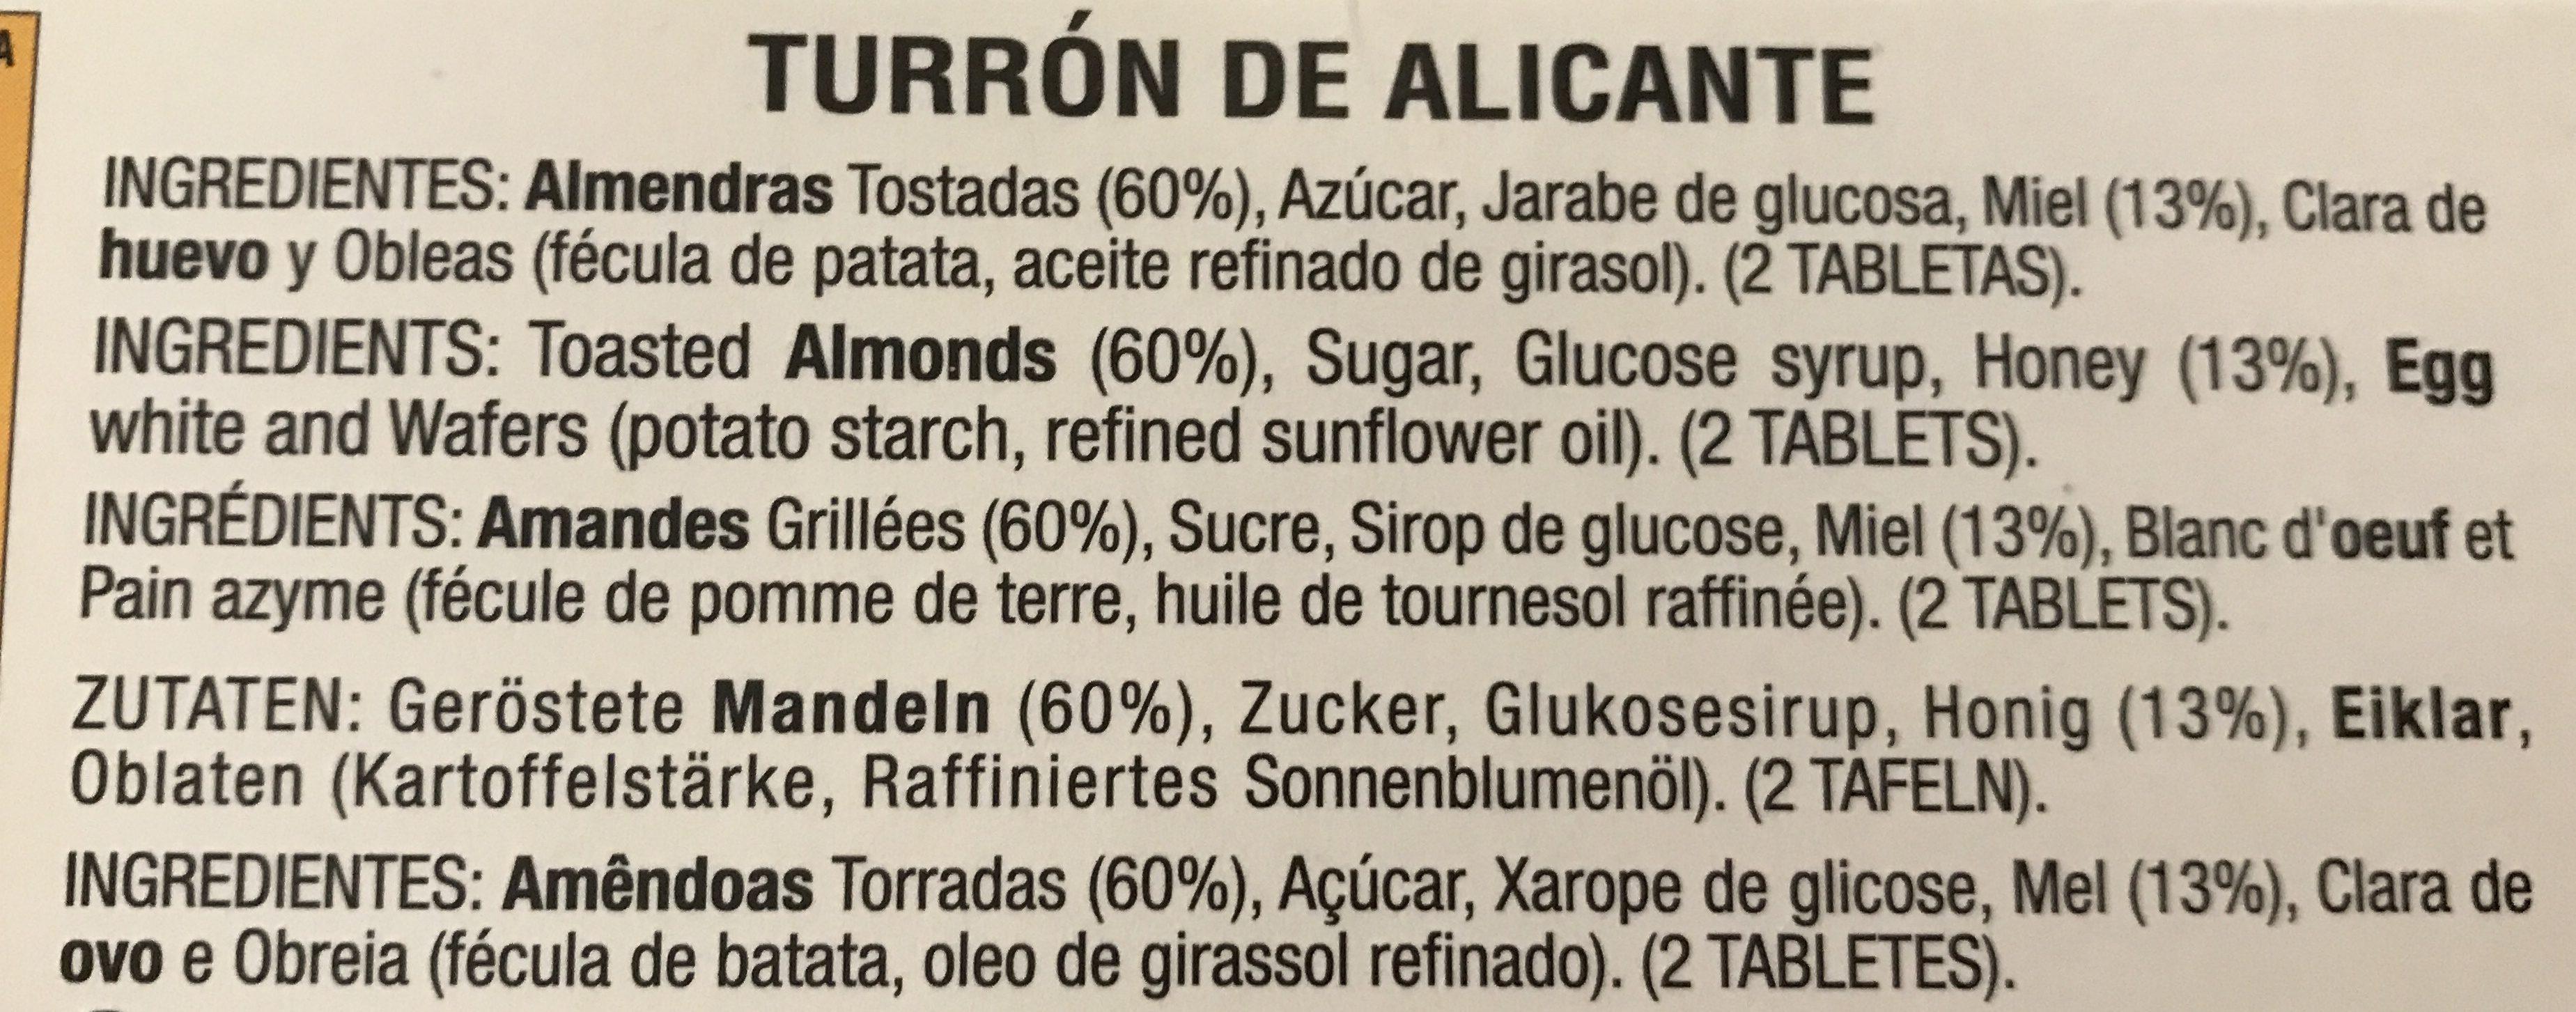 Turrón Alicante - Ingrédients - fr